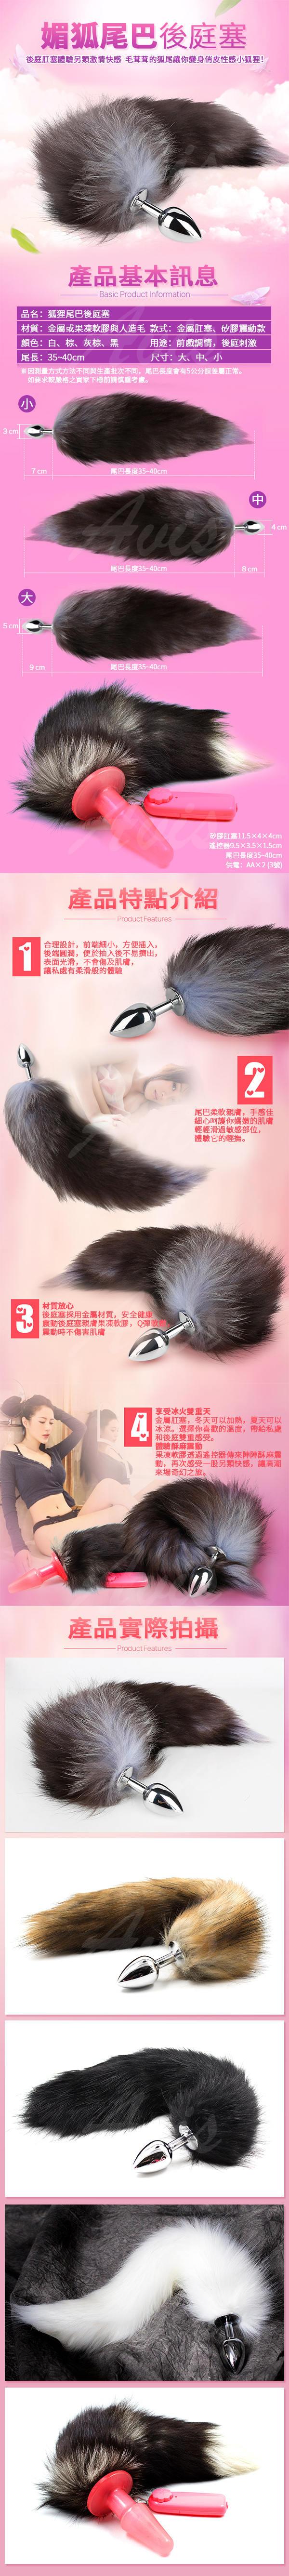 虐戀精品CICILY-激性扮演狐狸精 不銹鋼後庭肛塞+黑色尾巴毛(大)